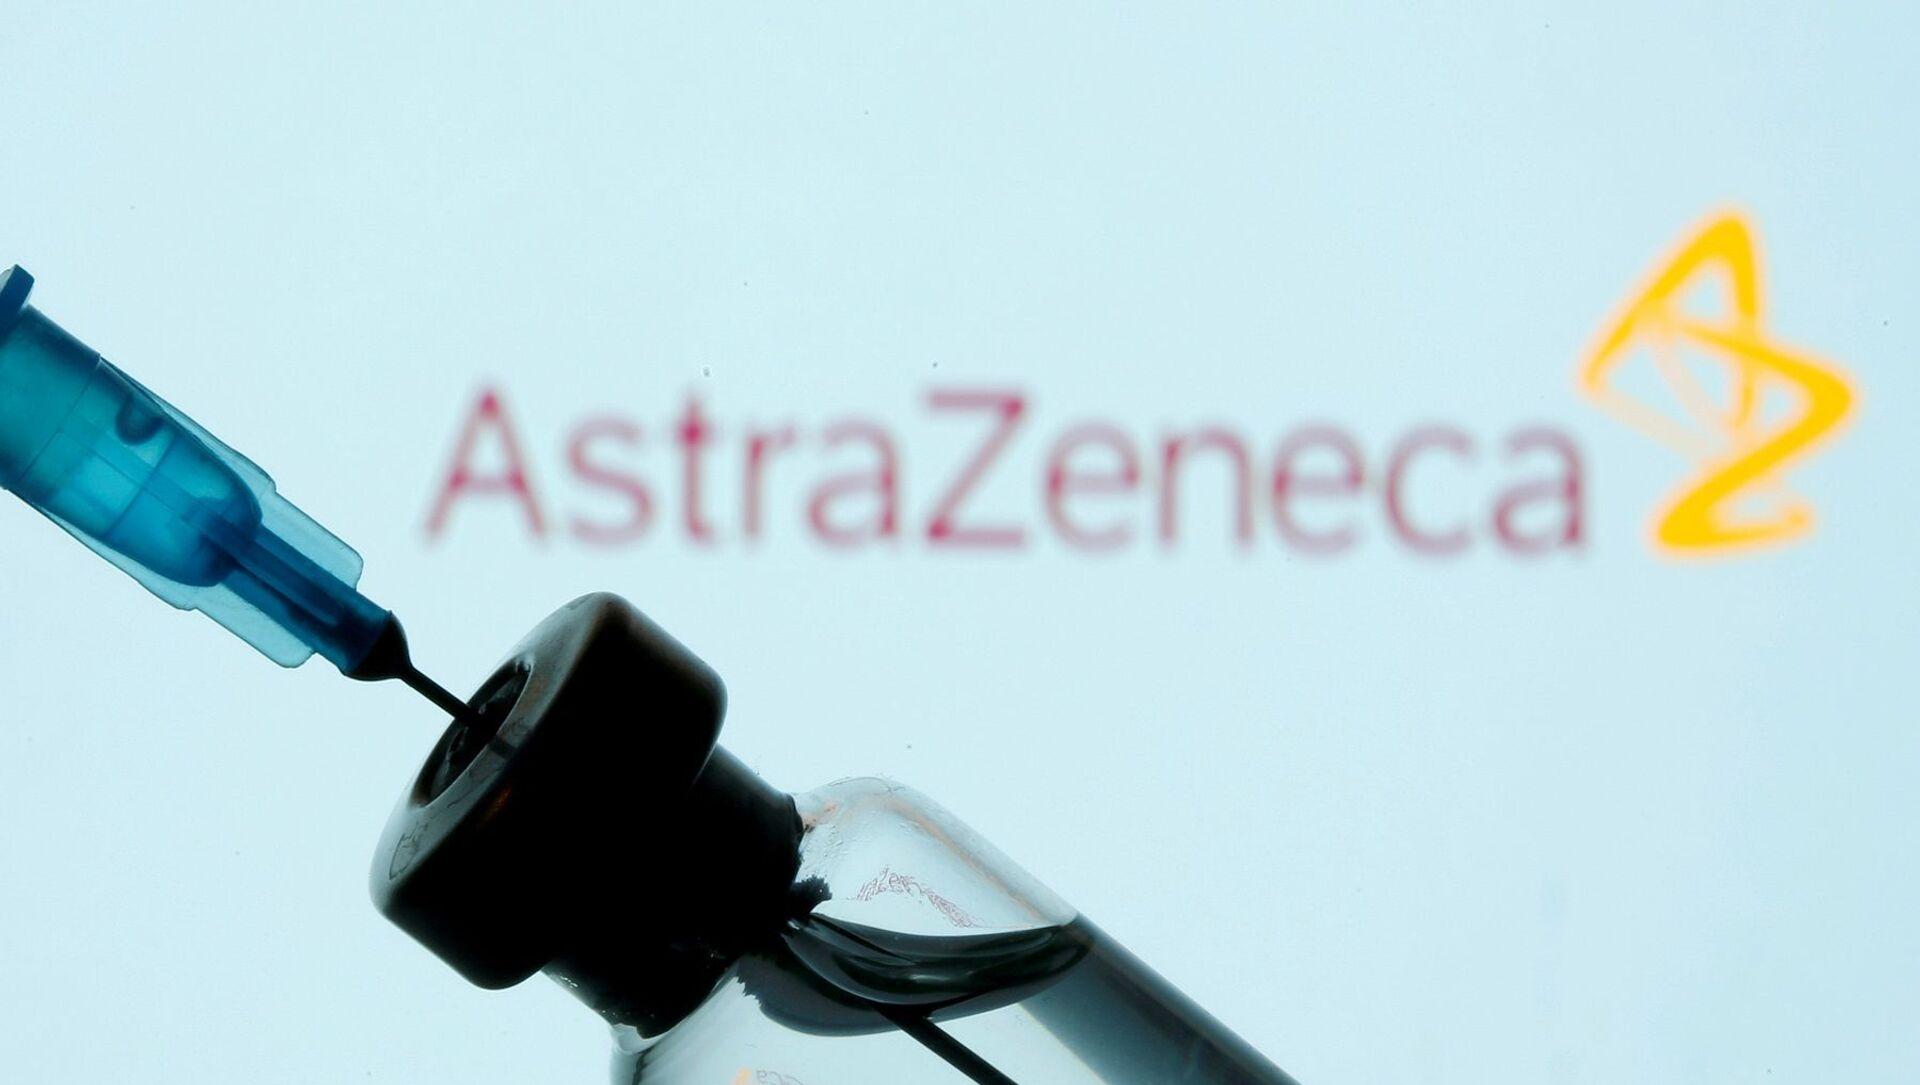 AstraZeneca - koronavirüs aşısı - Sputnik Türkiye, 1920, 25.02.2021